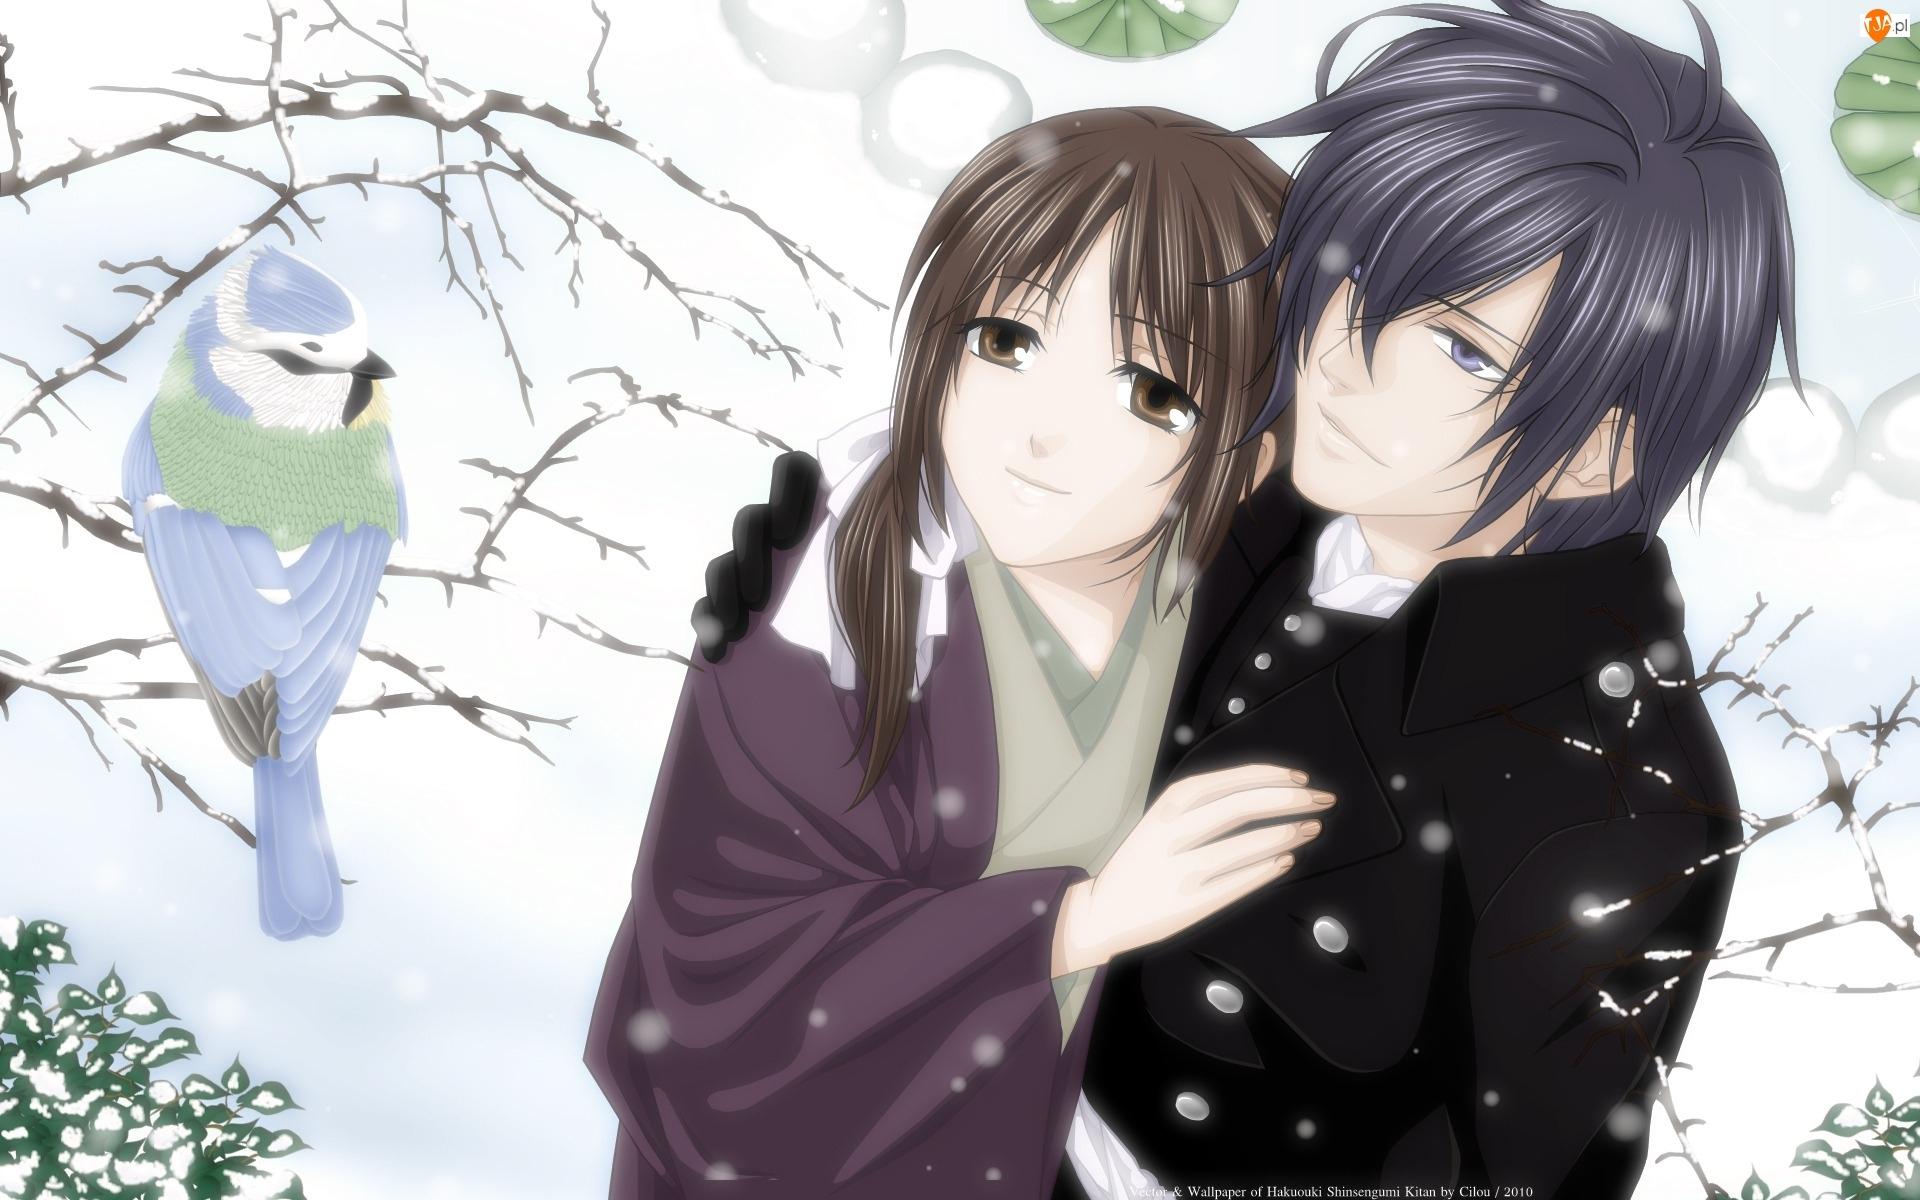 Hakuouki Shinsengumi Kitan, Manga Anime, Para, Sikorka, Śnieg